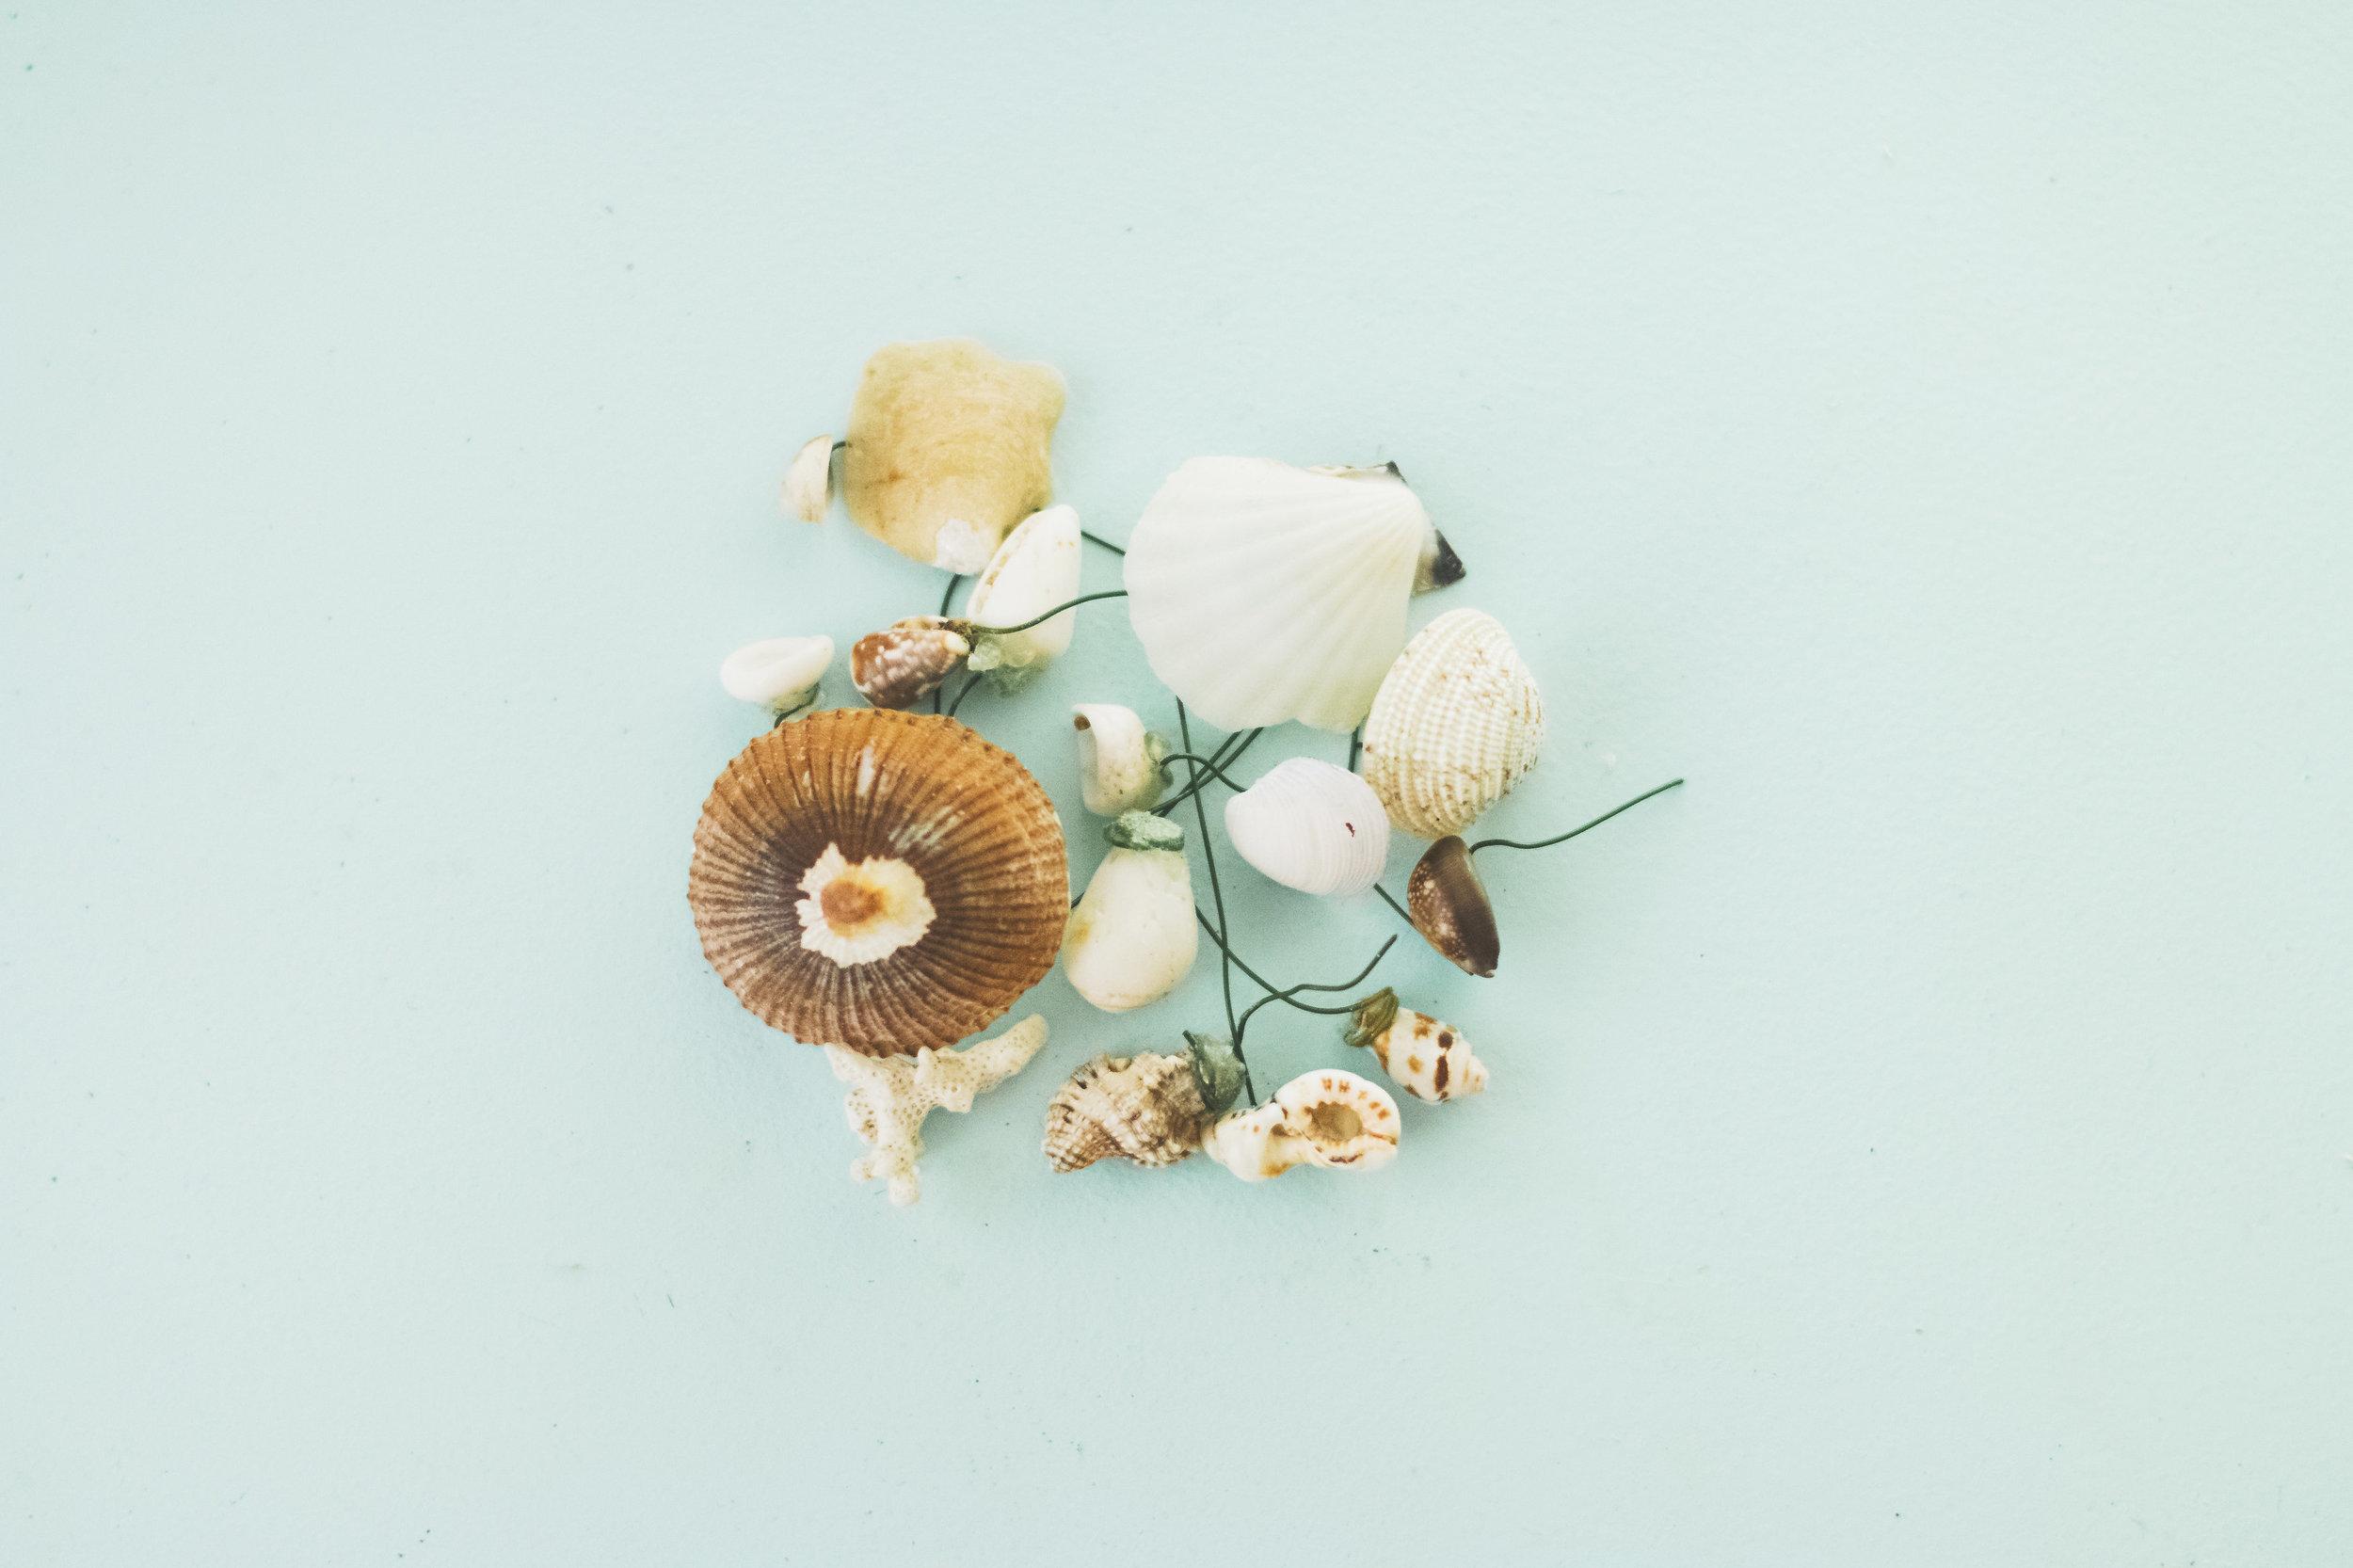 angie-diaz-photography-diy-flower-crown-tutorial-08.jpg